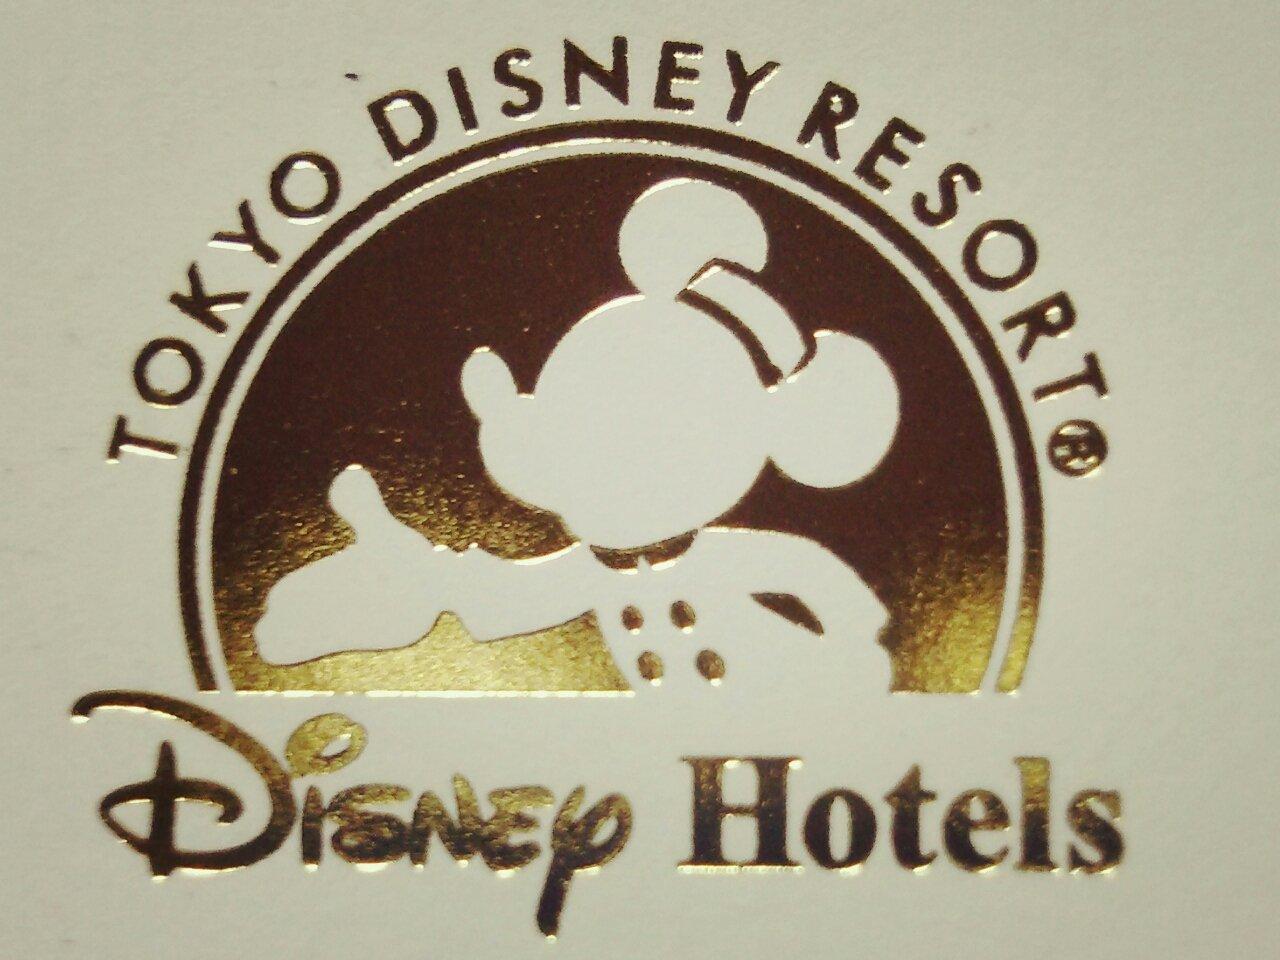 ディズニーホテル優待券♪舞浜行きの口実get! : 大人だって楽しみたい